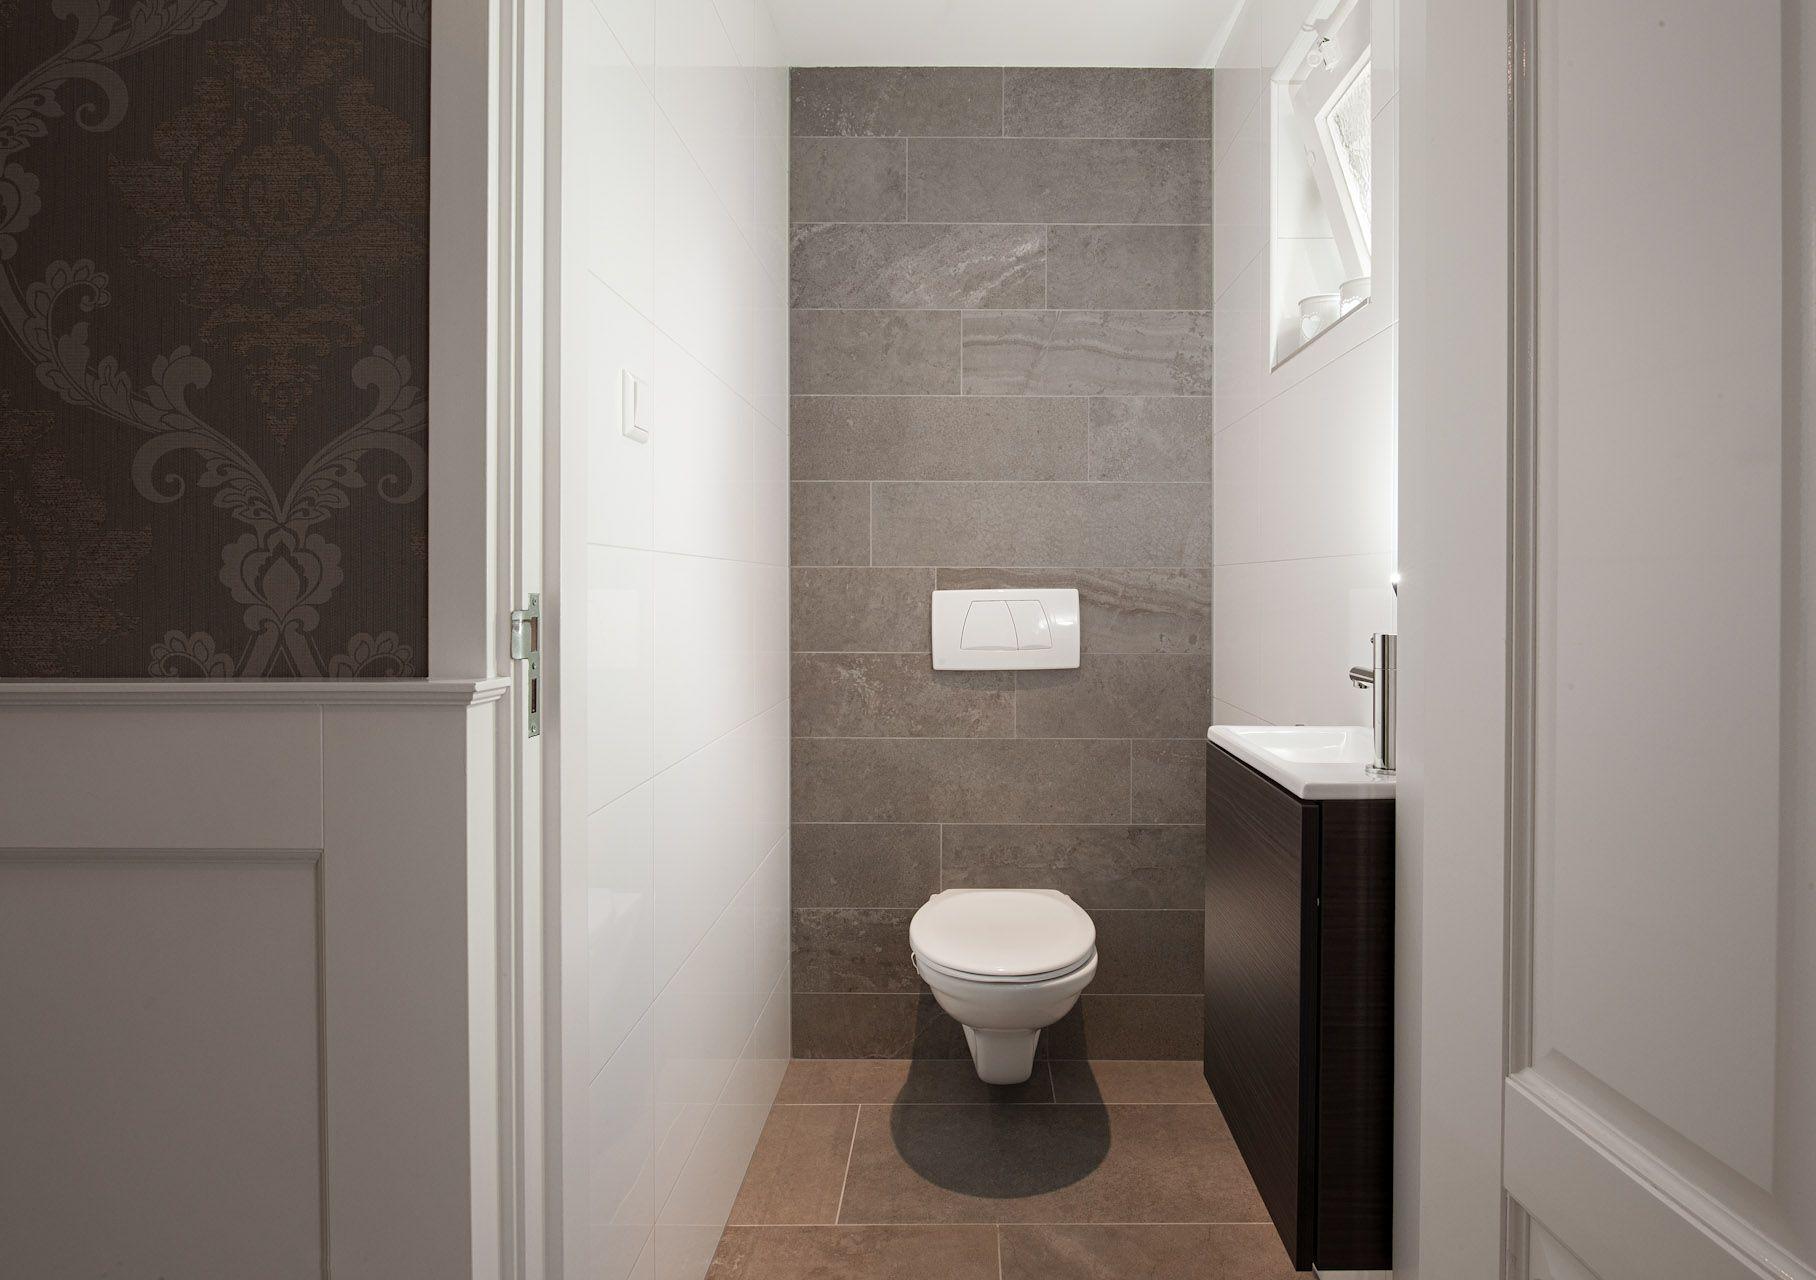 Brugman Toilet Renovatie : Badkamer brugman brugman badkamers hoofddorp 406607 badkamer detail